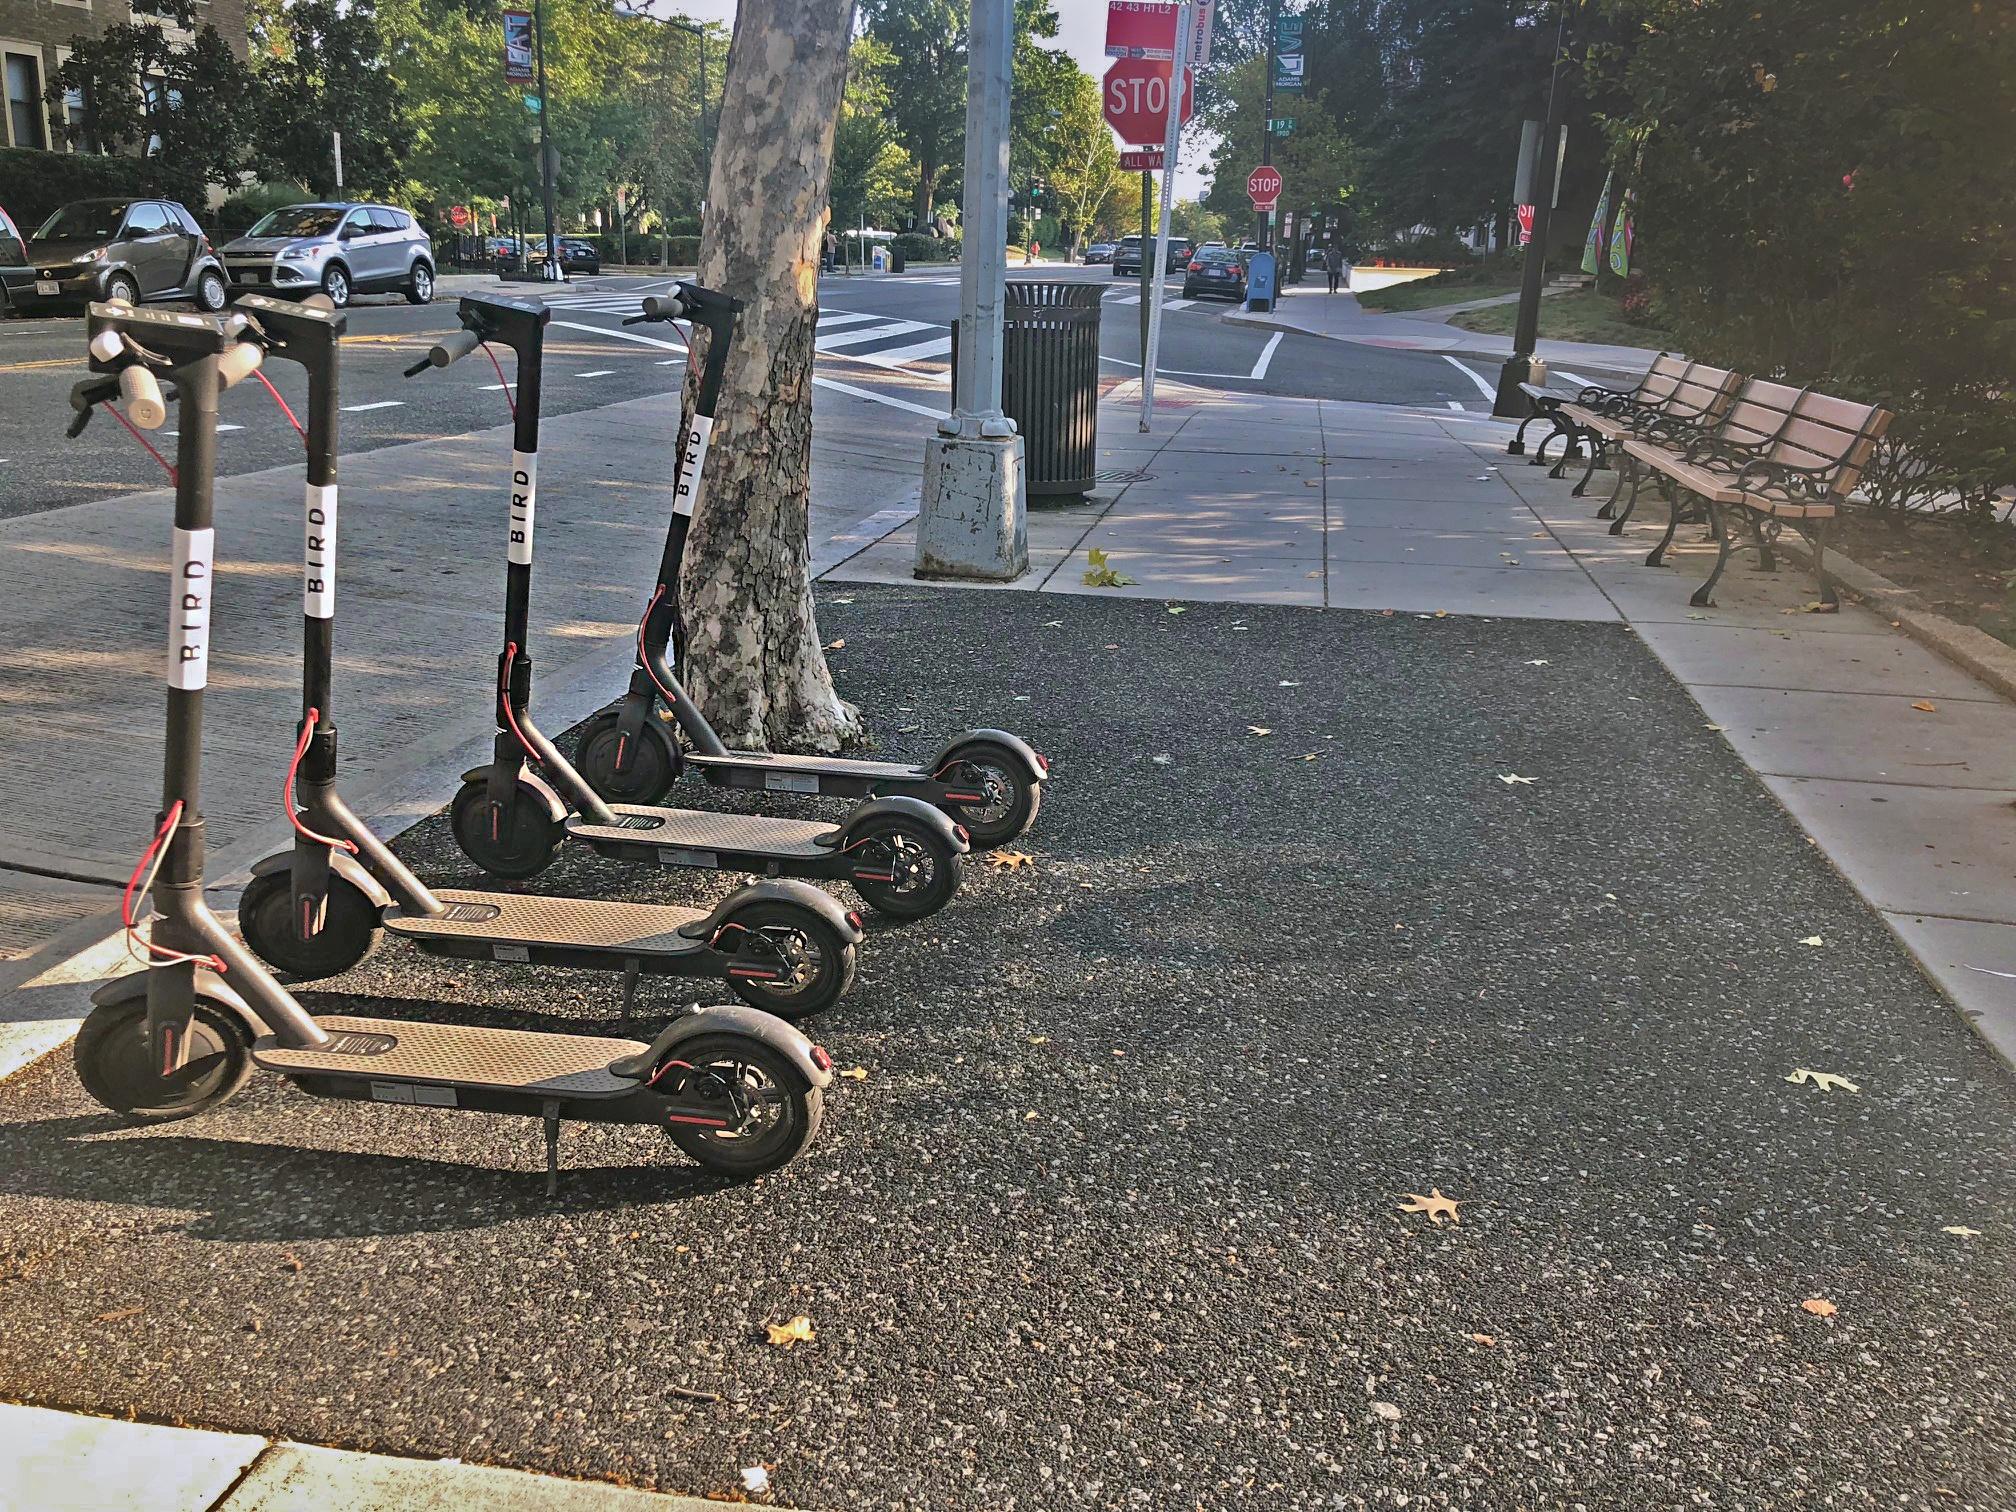 bird-scooters-DC-bike-lanes-design-smart-cities